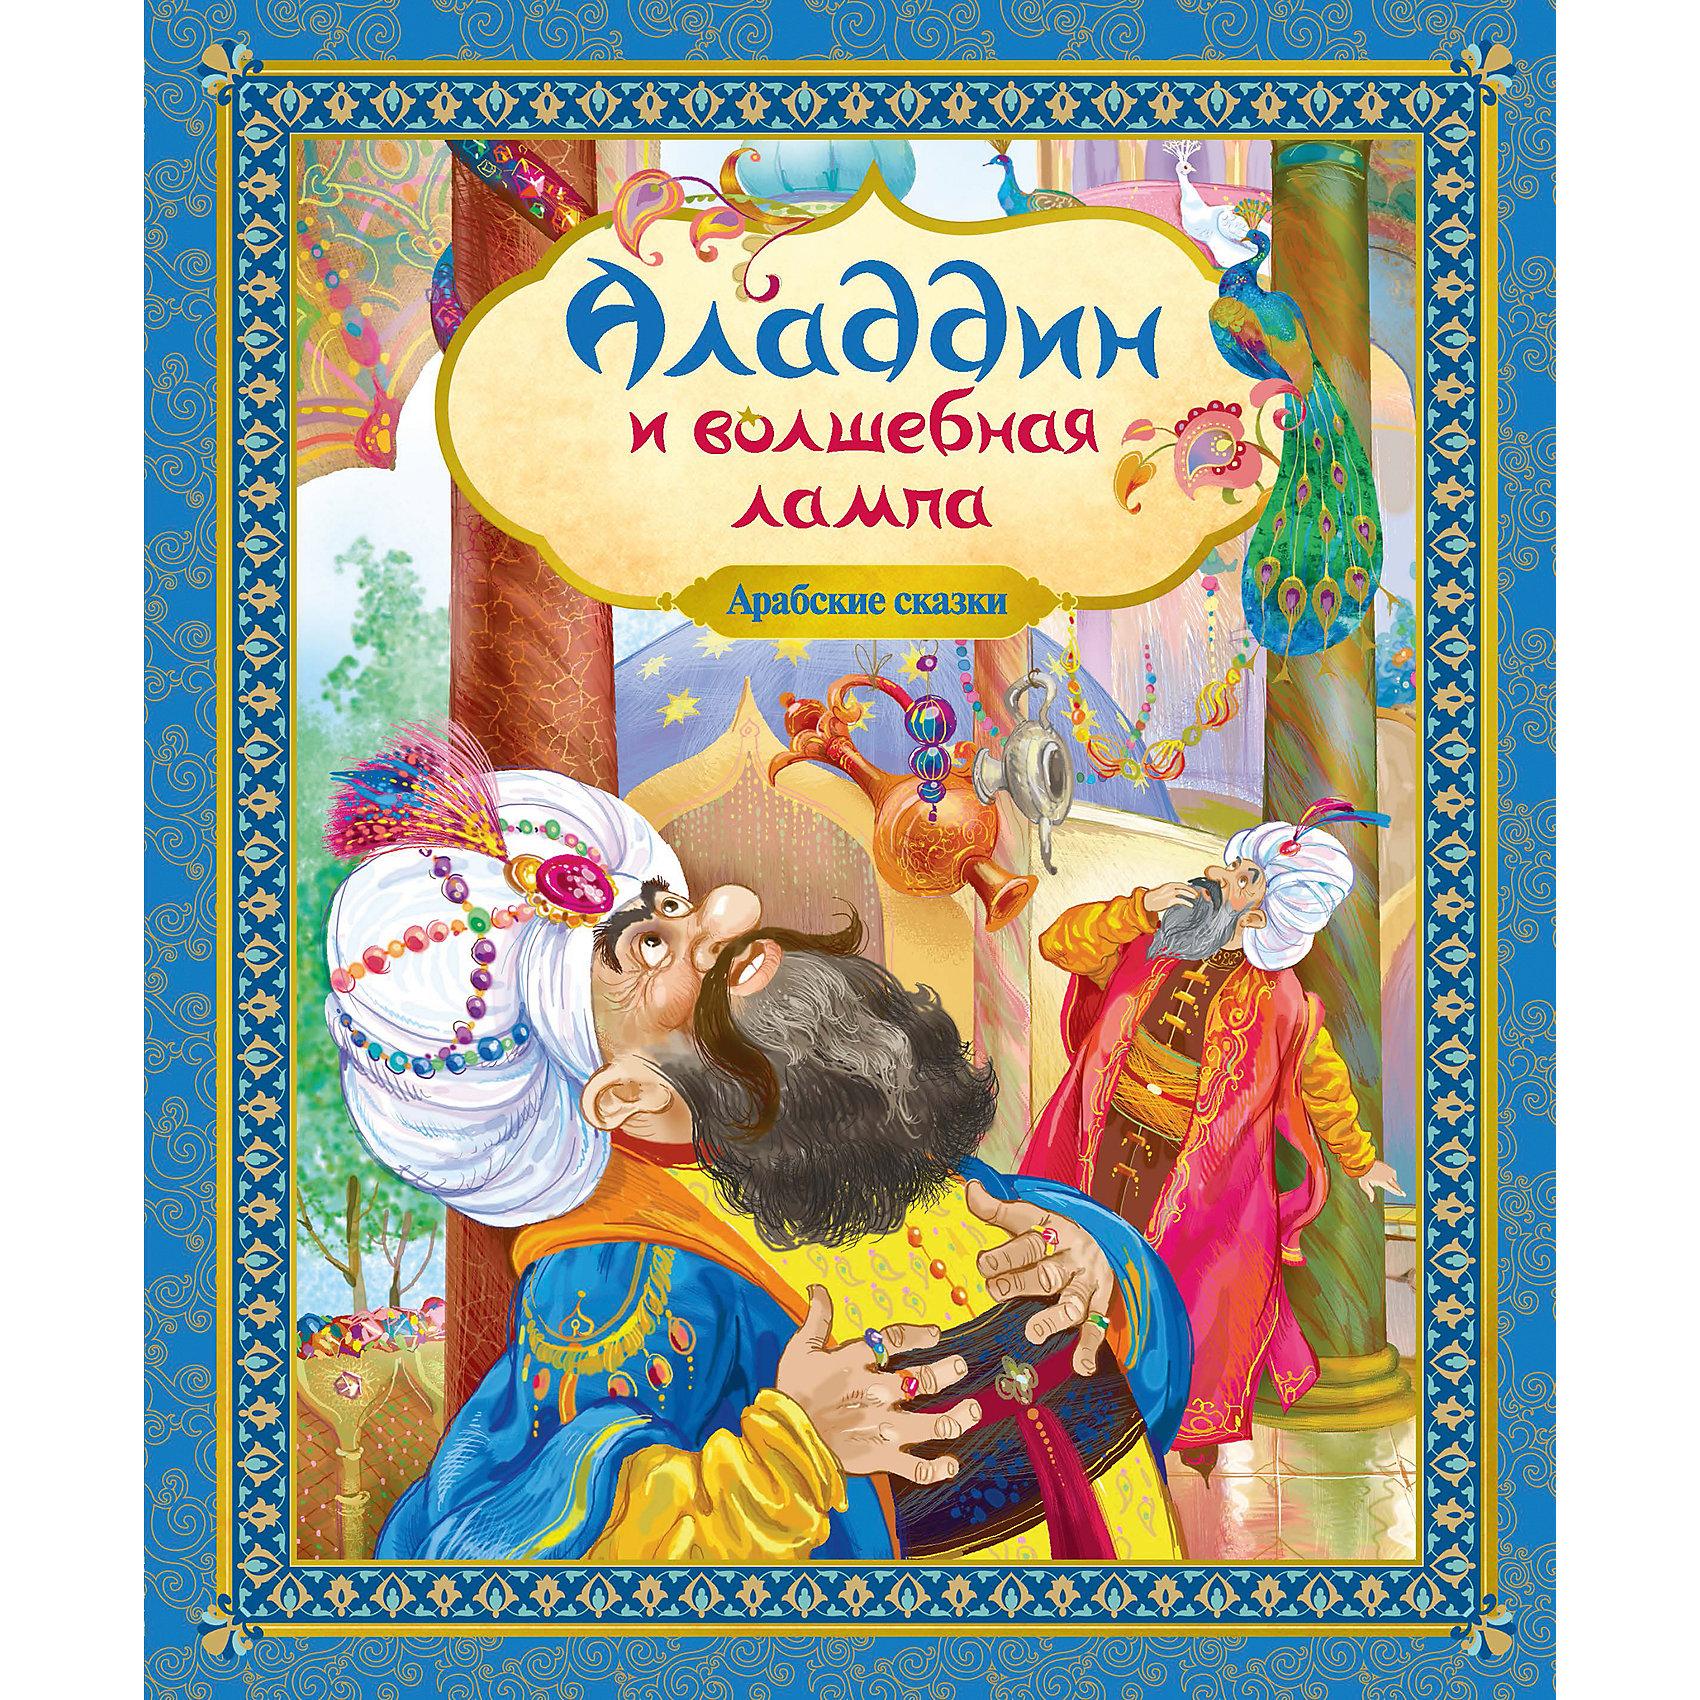 Махаон Сборник сказок Аладдин и волшебная лампа аладдин и волшебная лампа